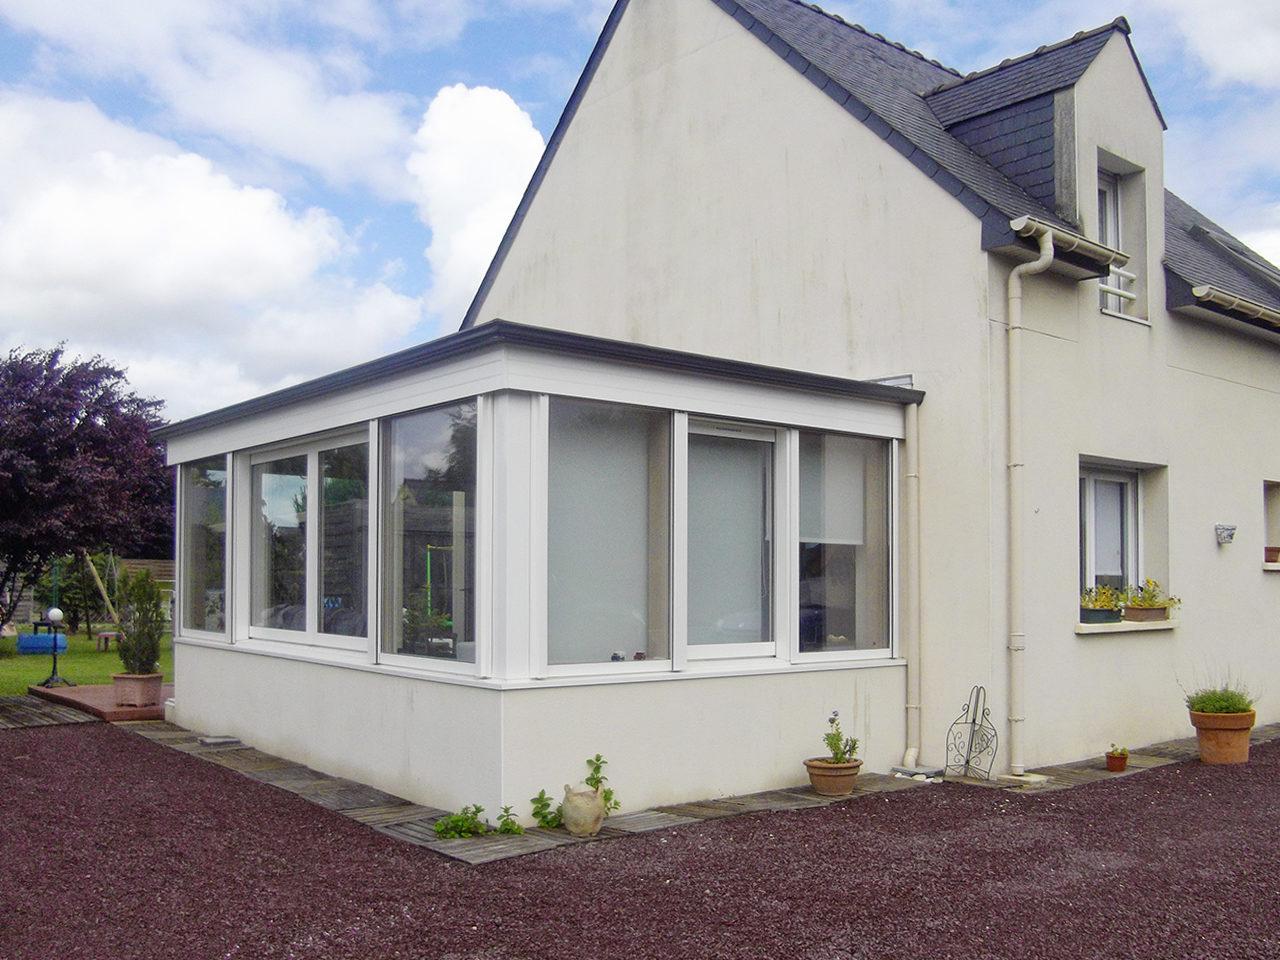 Wonderful Extension en toiture terrasse - Padiou Véranda WC68